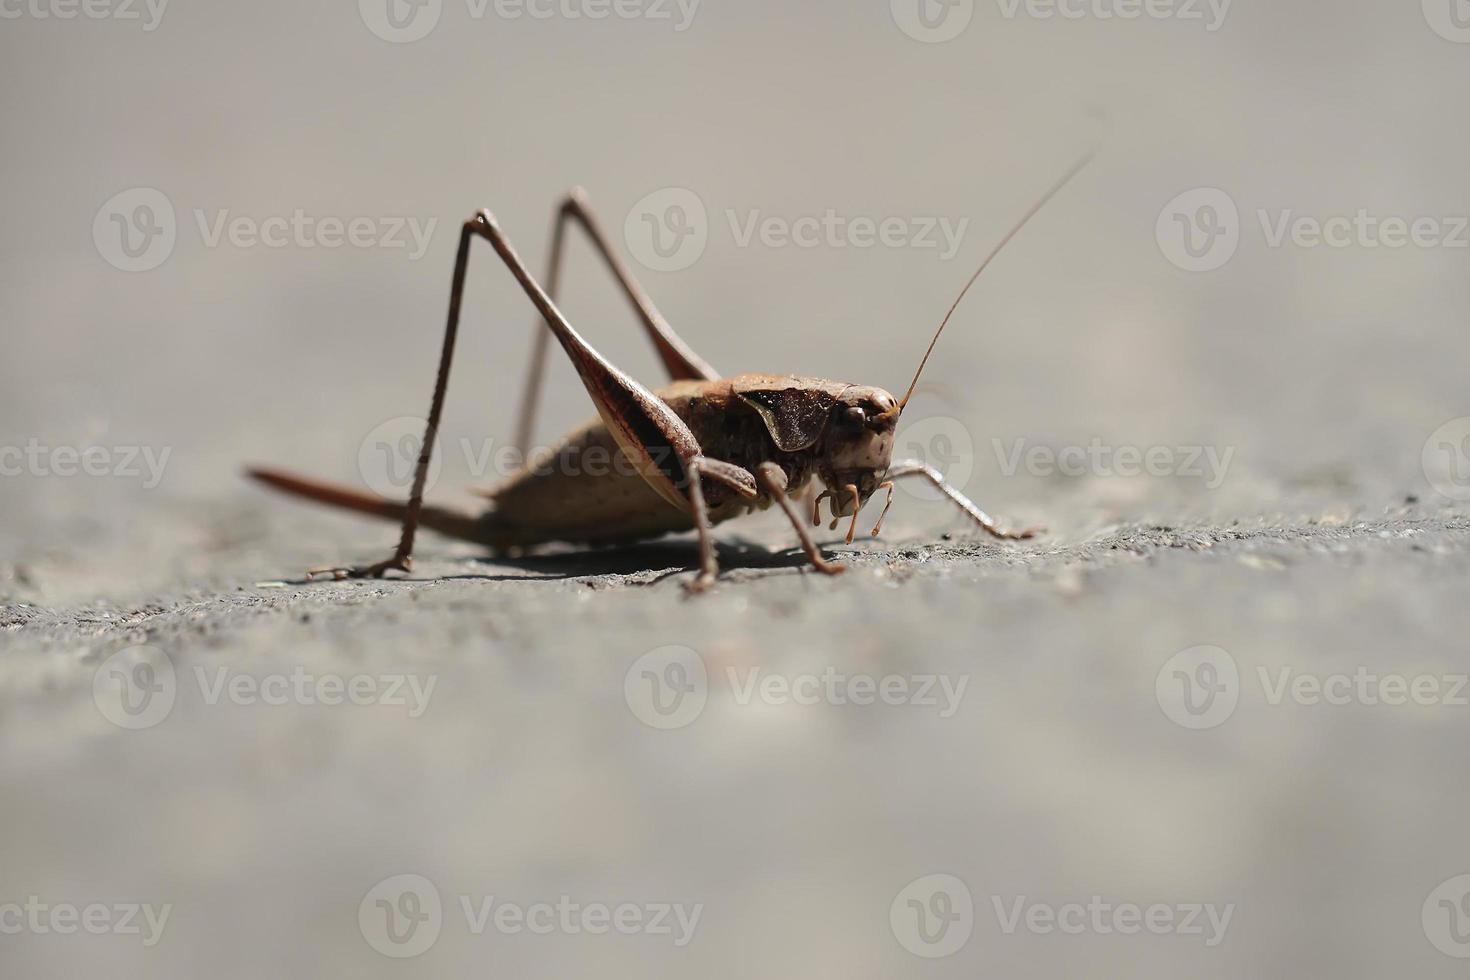 Little grasshopper outdoor photo